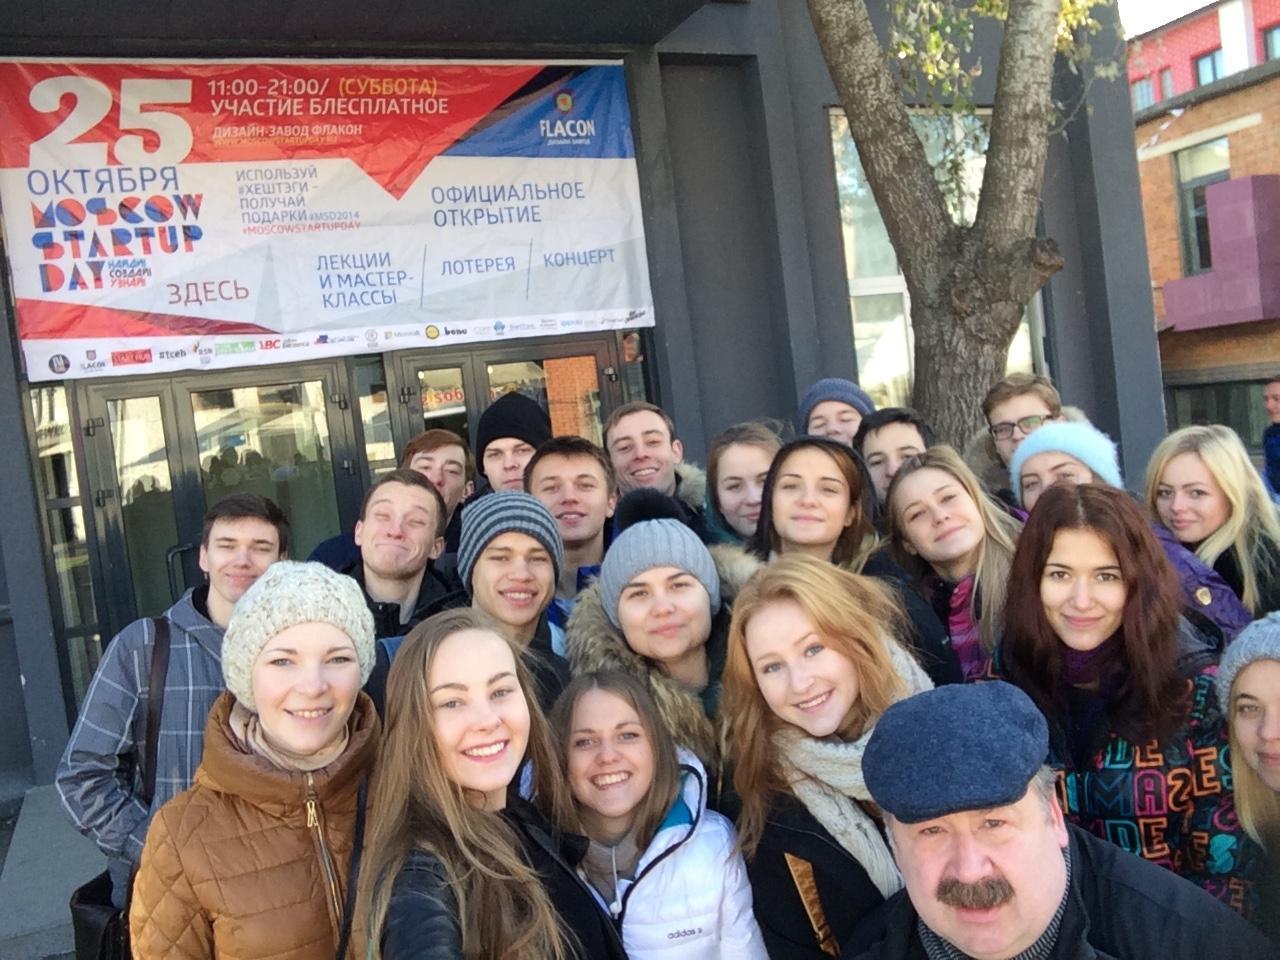 Студенты факультета Менеджмента приняли участие в MOSCOW STARTUP DAY 2014